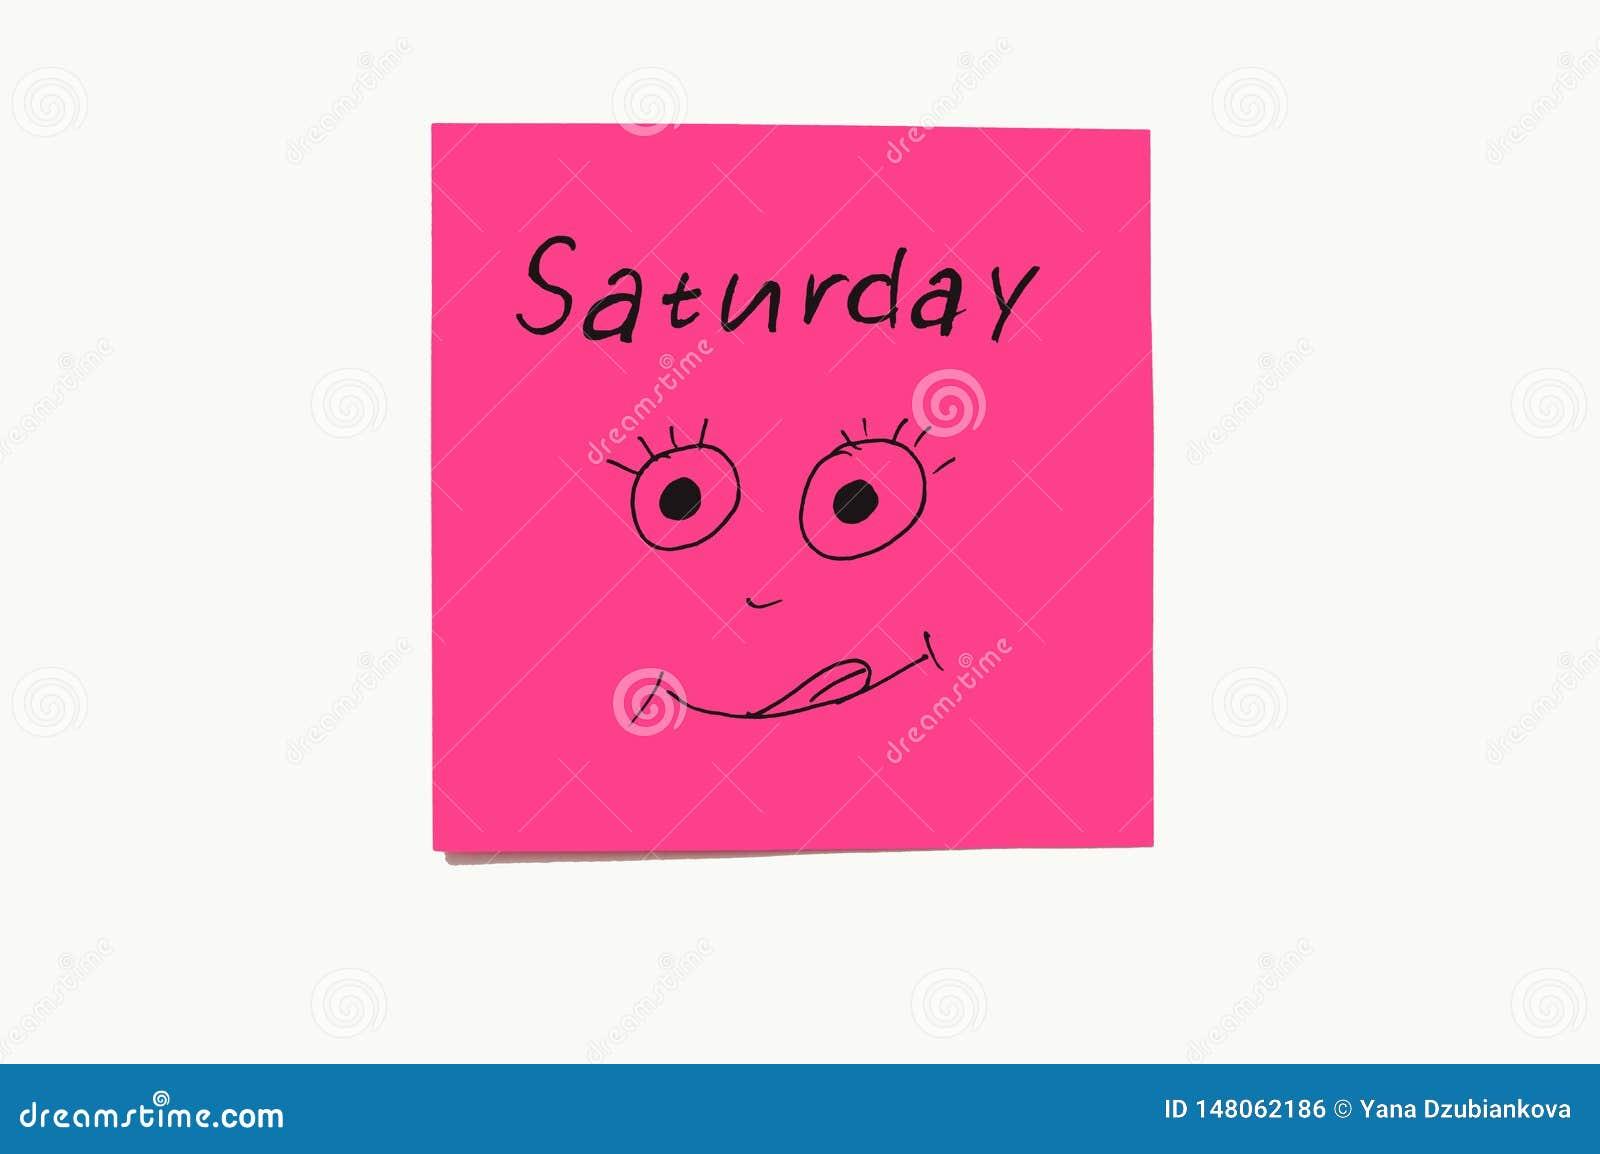 Etiquetas das notas para lembrar os dias da semana Notas engra?adas com as emo??es pintadas, refletindo os dias da semana Segunda